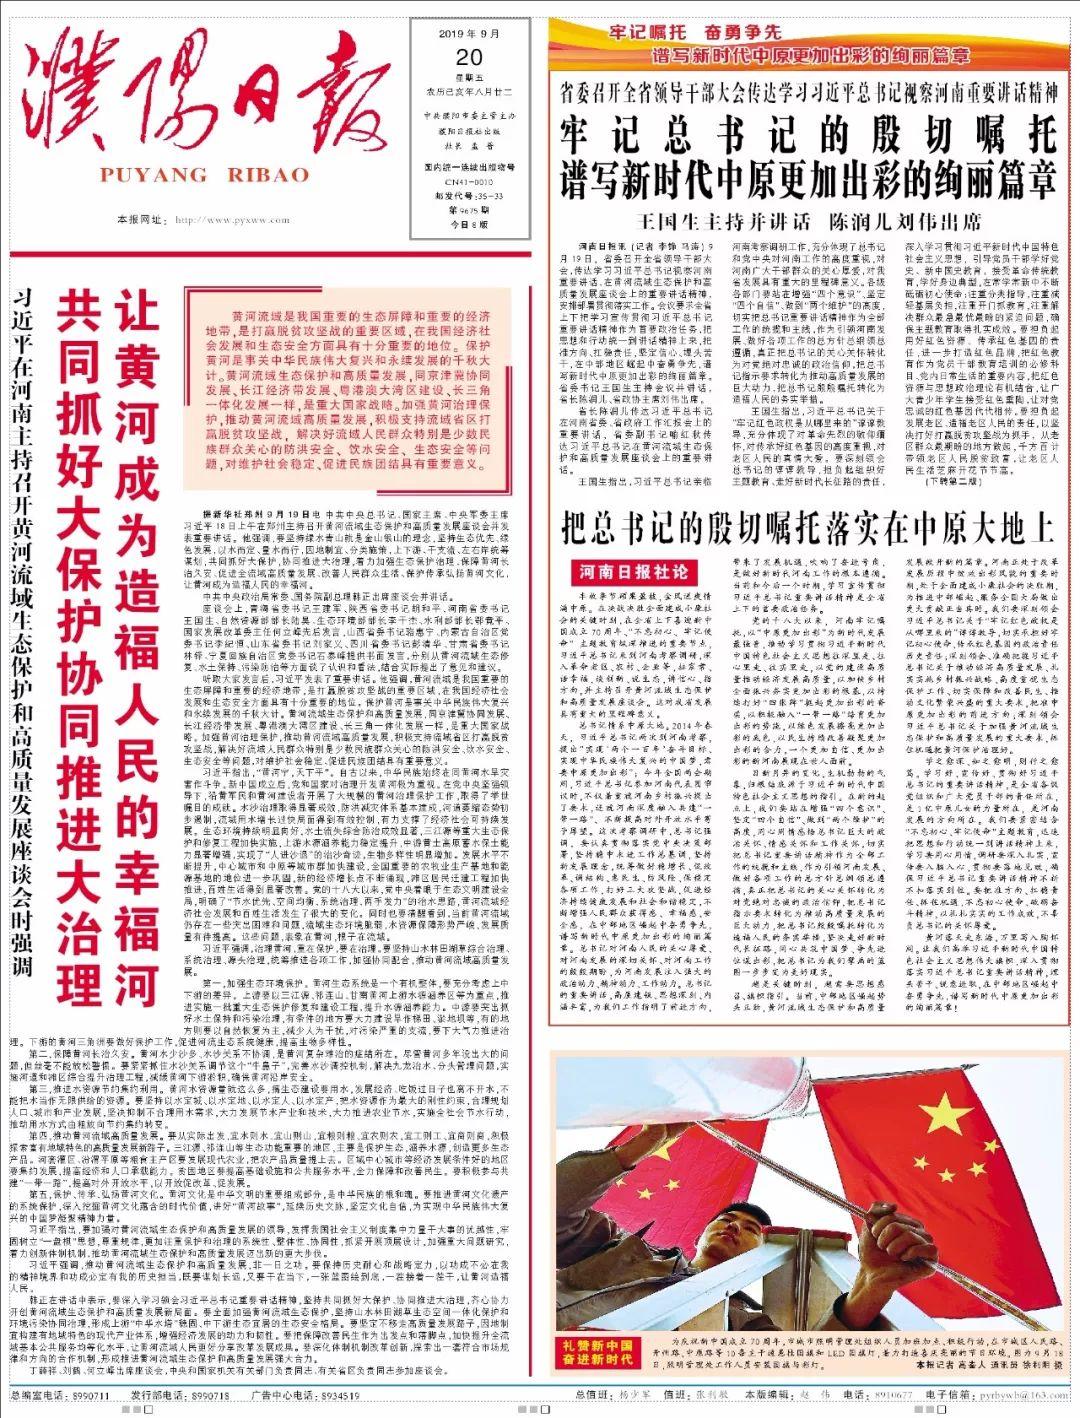 【日报聚焦】习近平在河南主持召开黄河流域生态保护和高质量发展座谈会